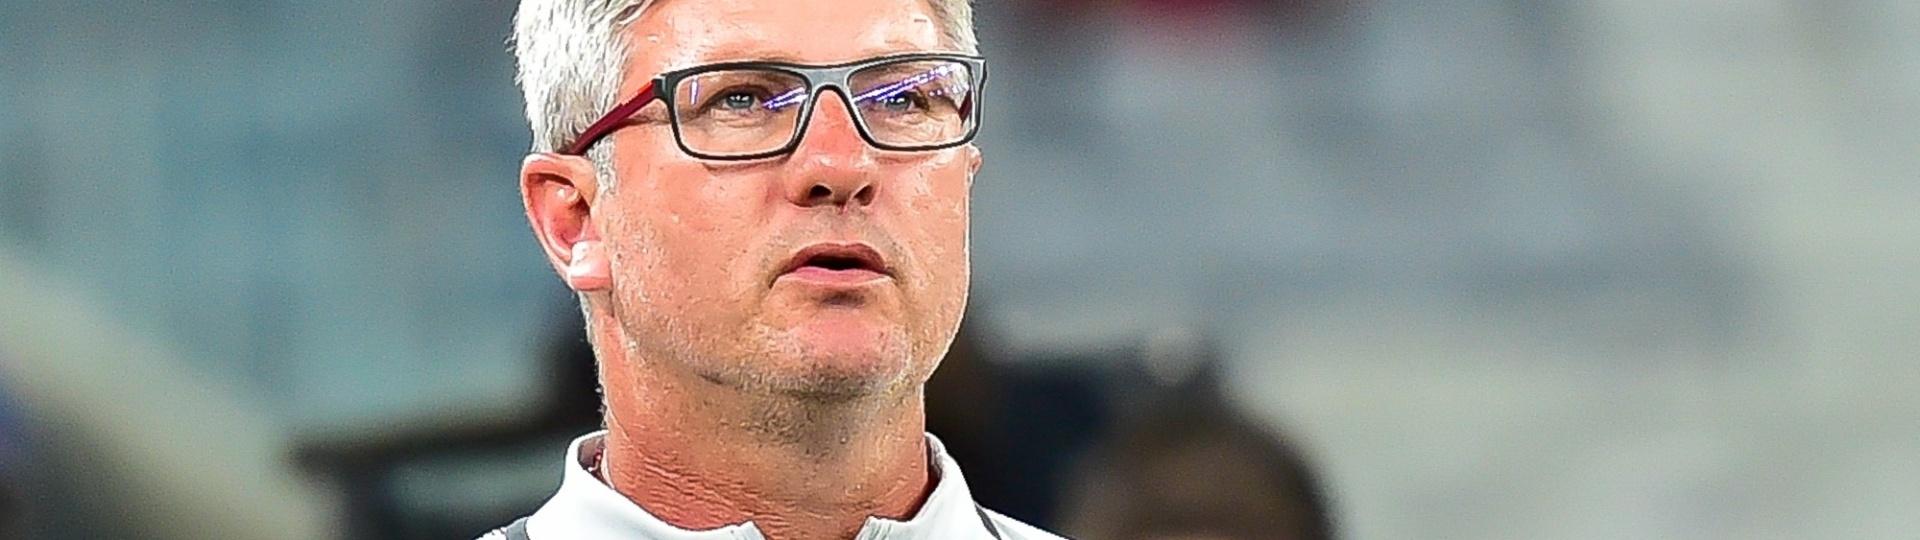 Odair Hellmann, técnico do Internacional, durante o jogo contra o Atlético-PR